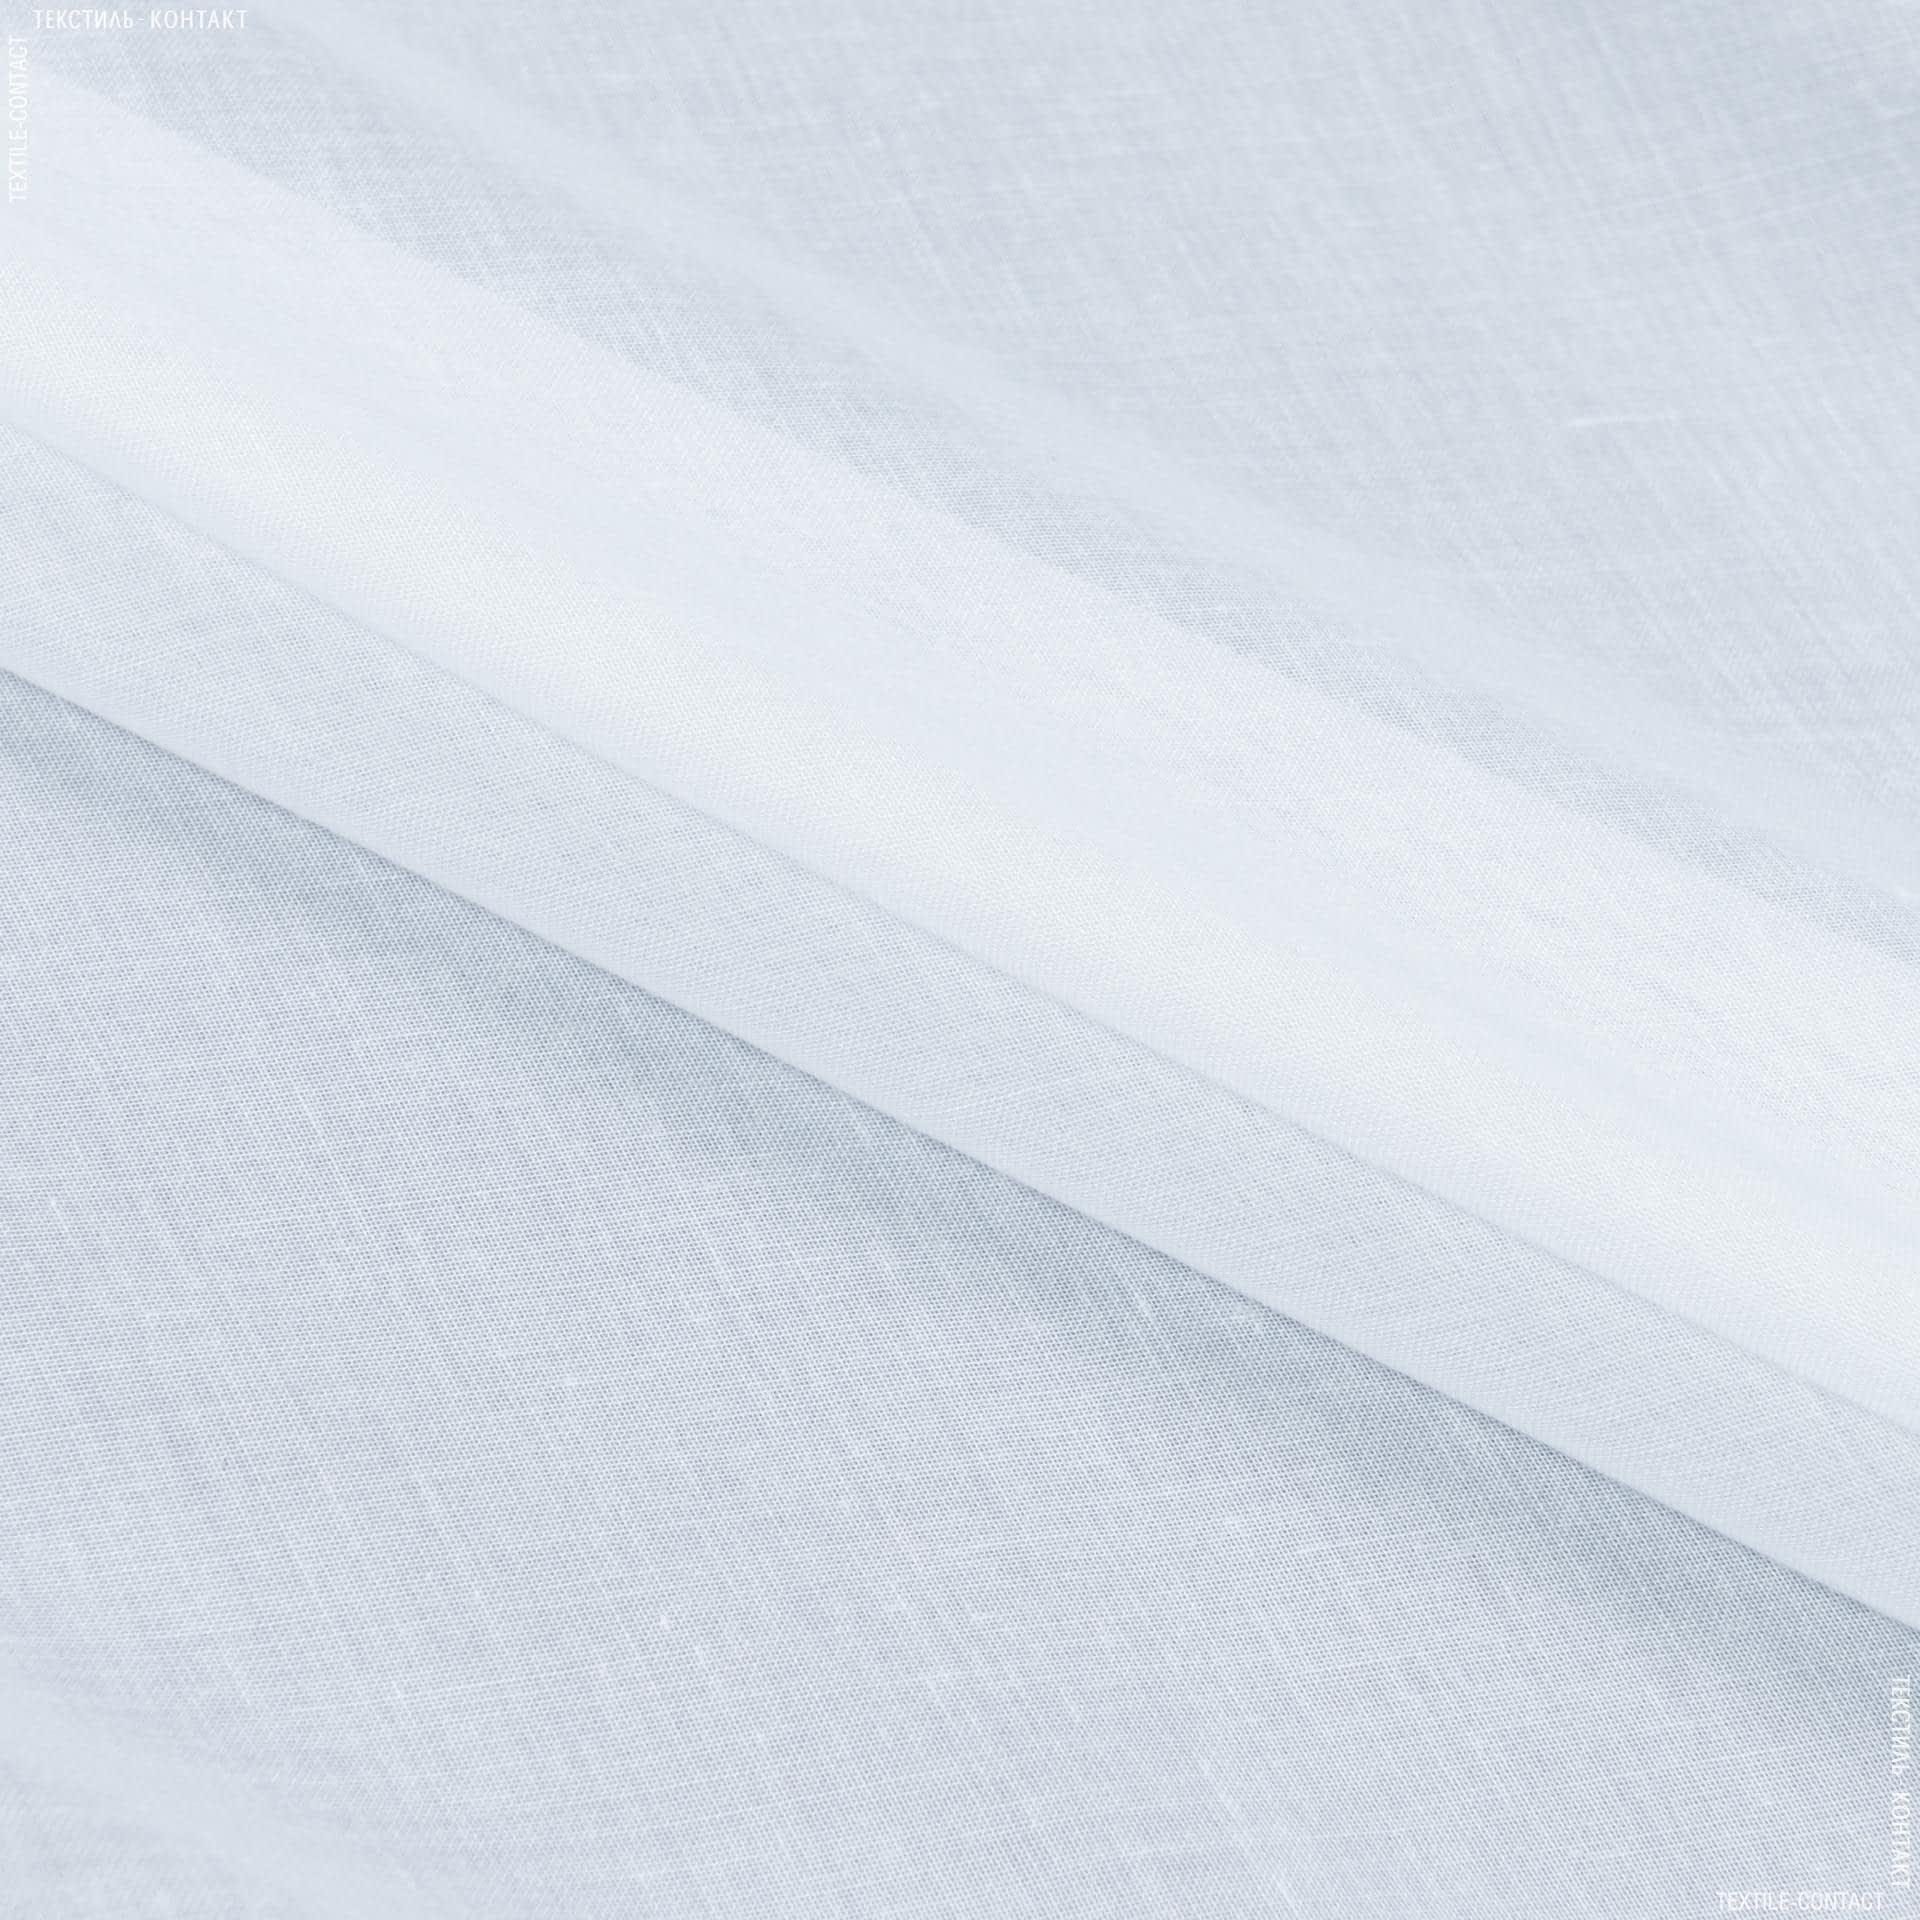 Тканини для драпірування стін і стель - Тюль батист фантазія з обважнювачем білий перламутр